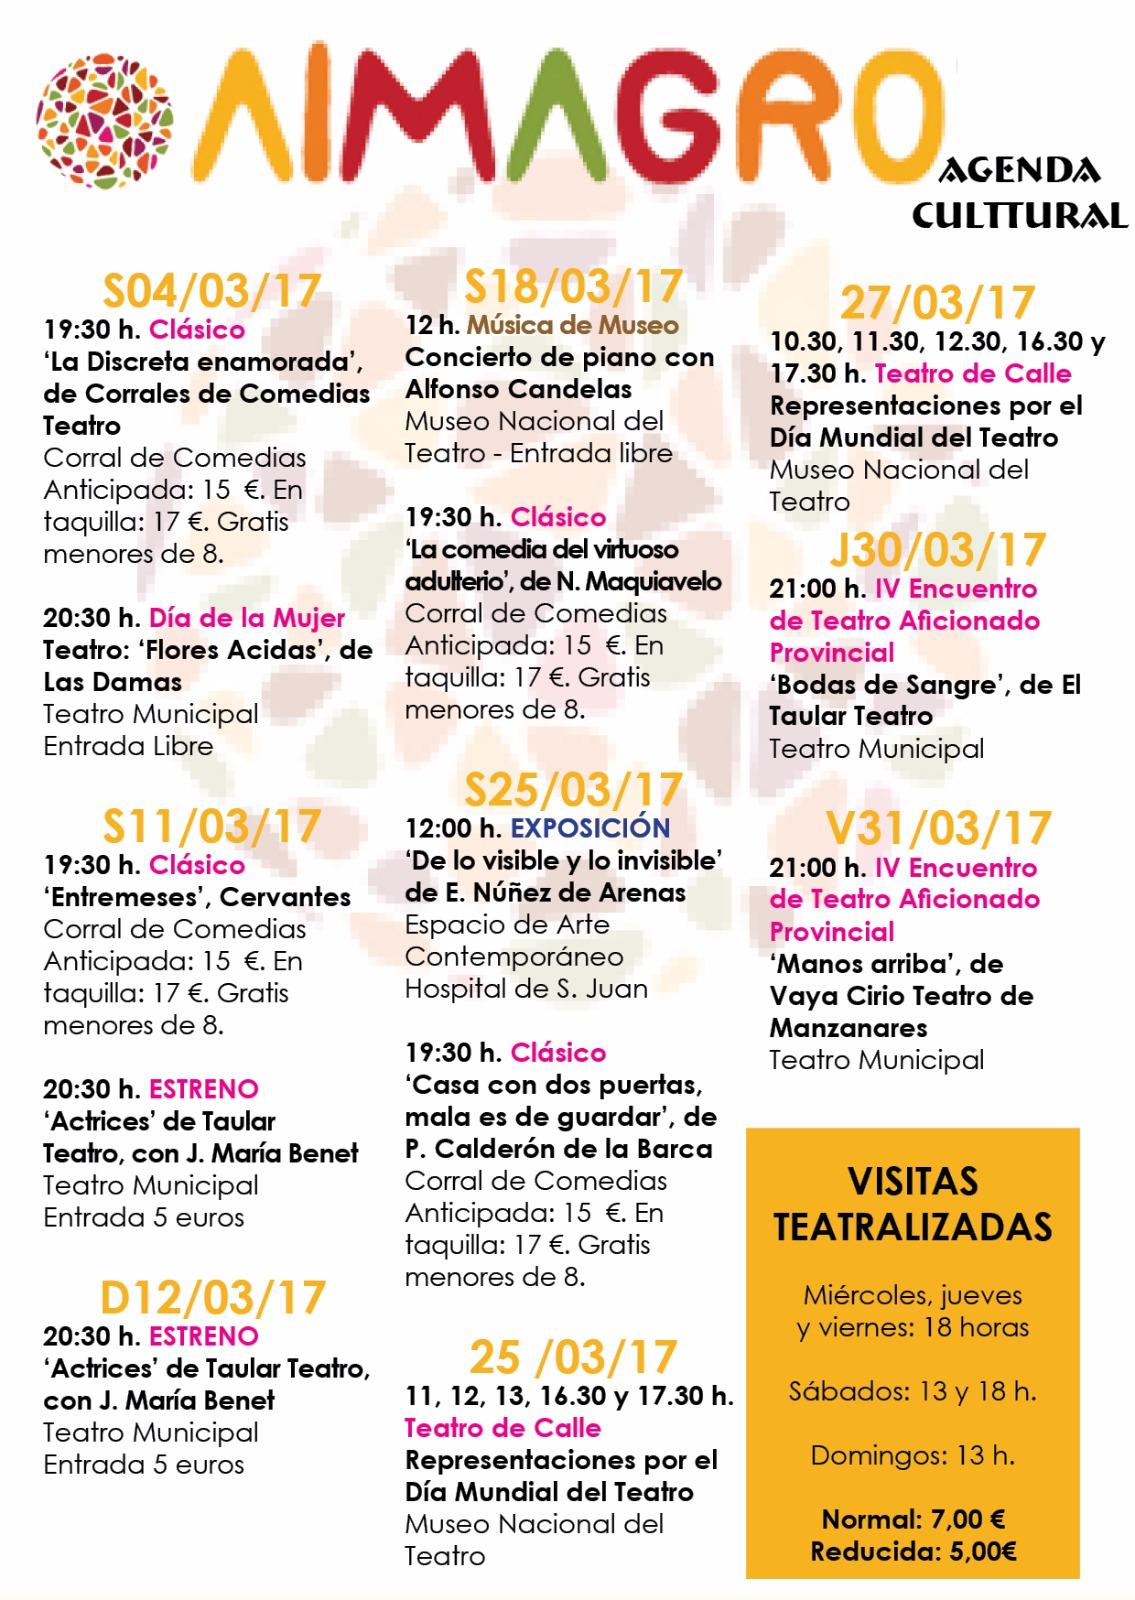 Almagro Agenda Cultural Marzo 2017